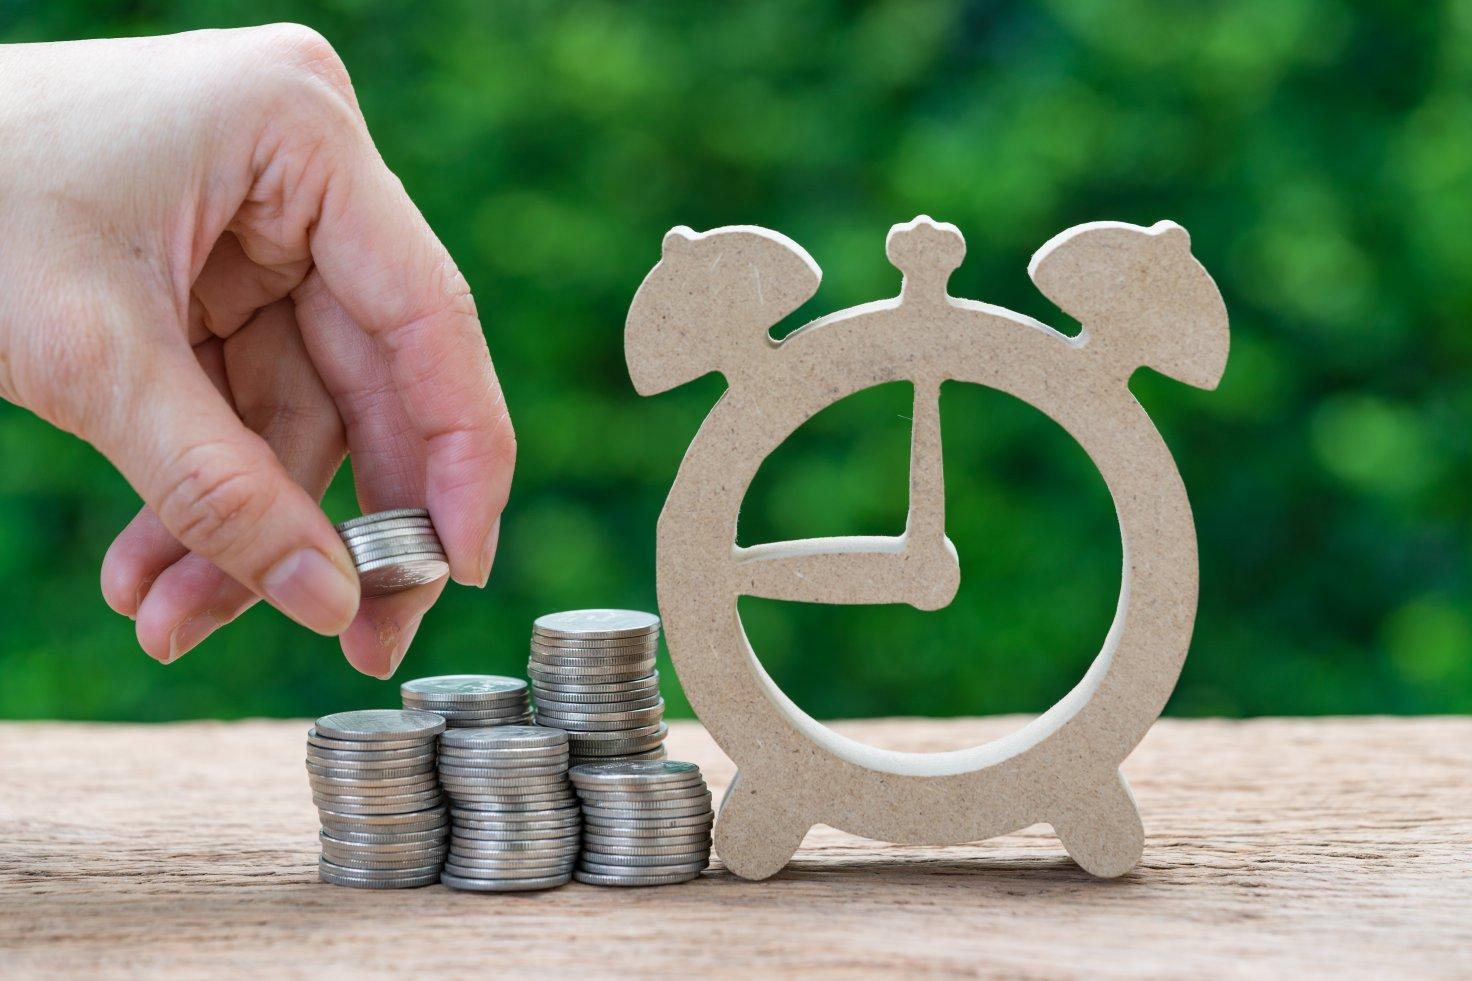 Как заработать деньги в интернете: 20 и 1 способ от основателя  Profitzone.com - AIN.UA